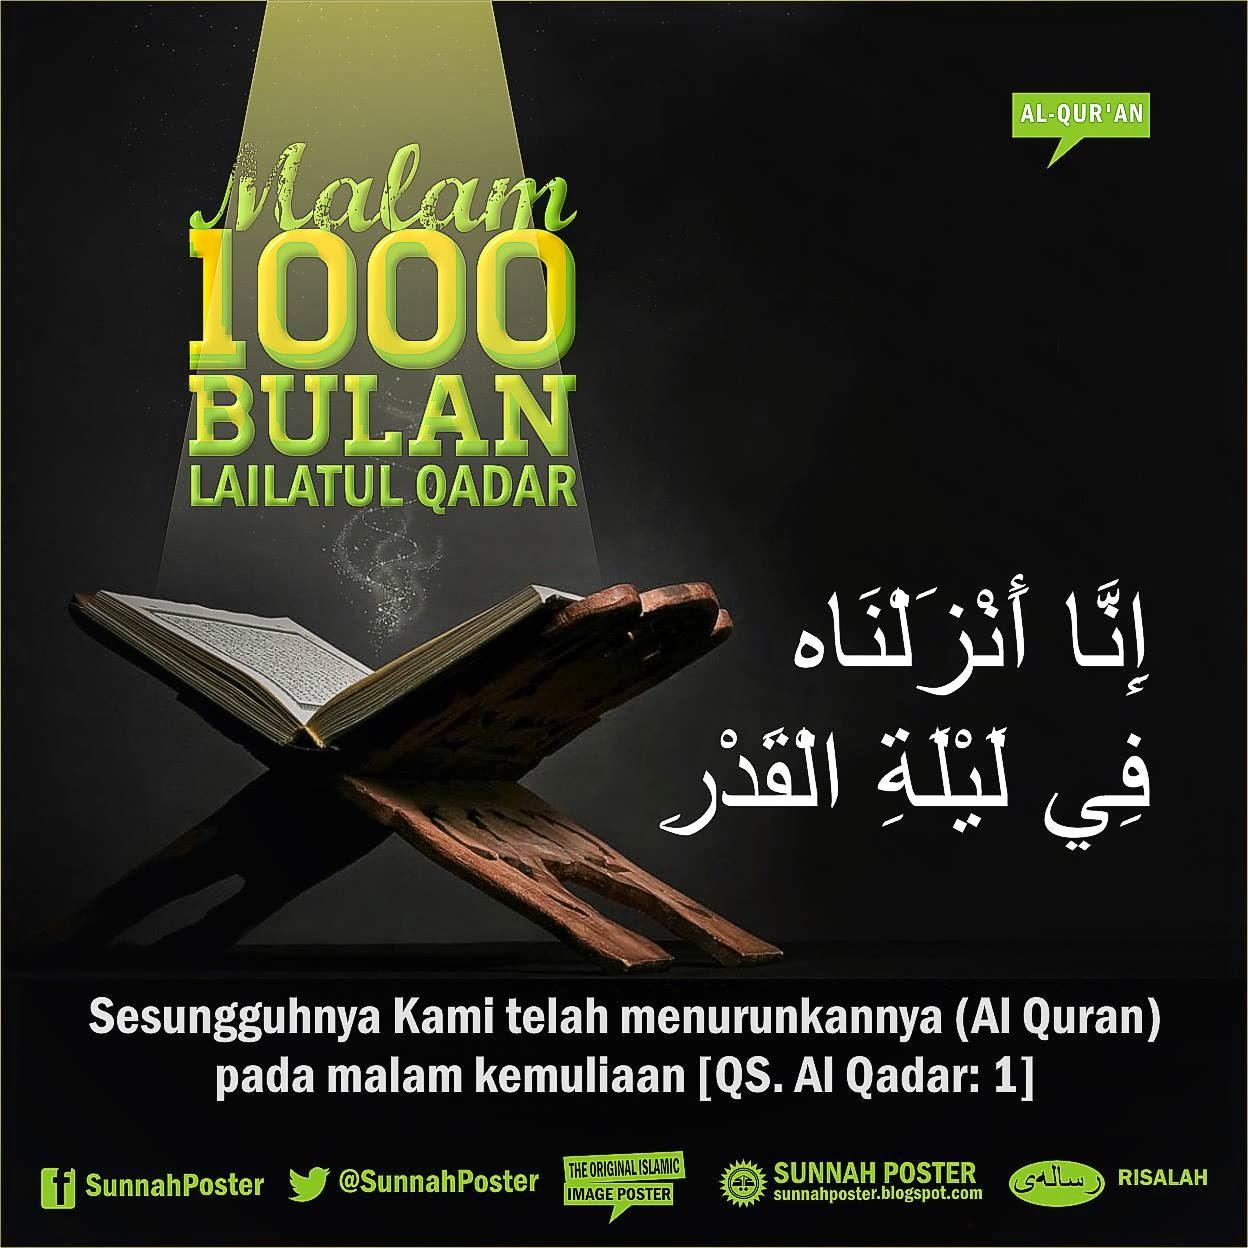 SaBuMi Saung Buku Islami Koleksi Gambar Islami